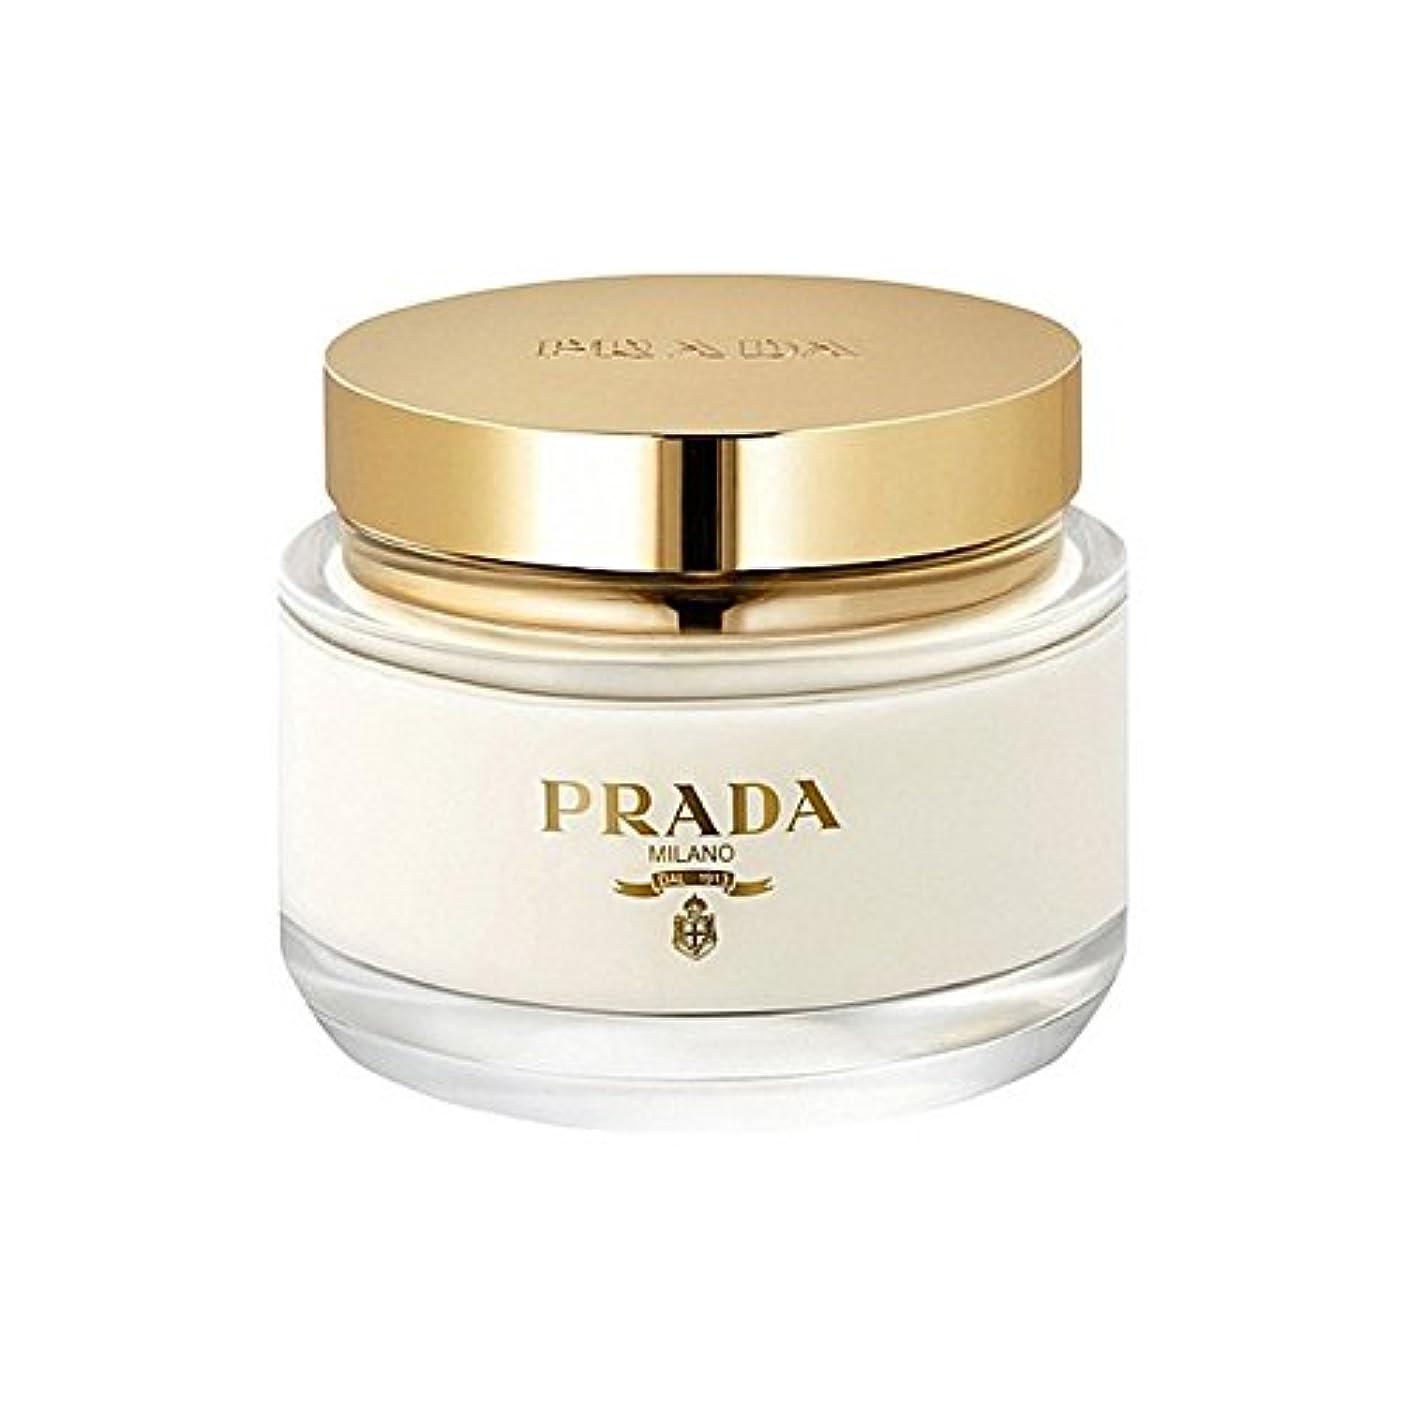 プラダラファムボディクリーム200ミリリットル x2 - Prada La Femme Body Cream 200ml (Pack of 2) [並行輸入品]